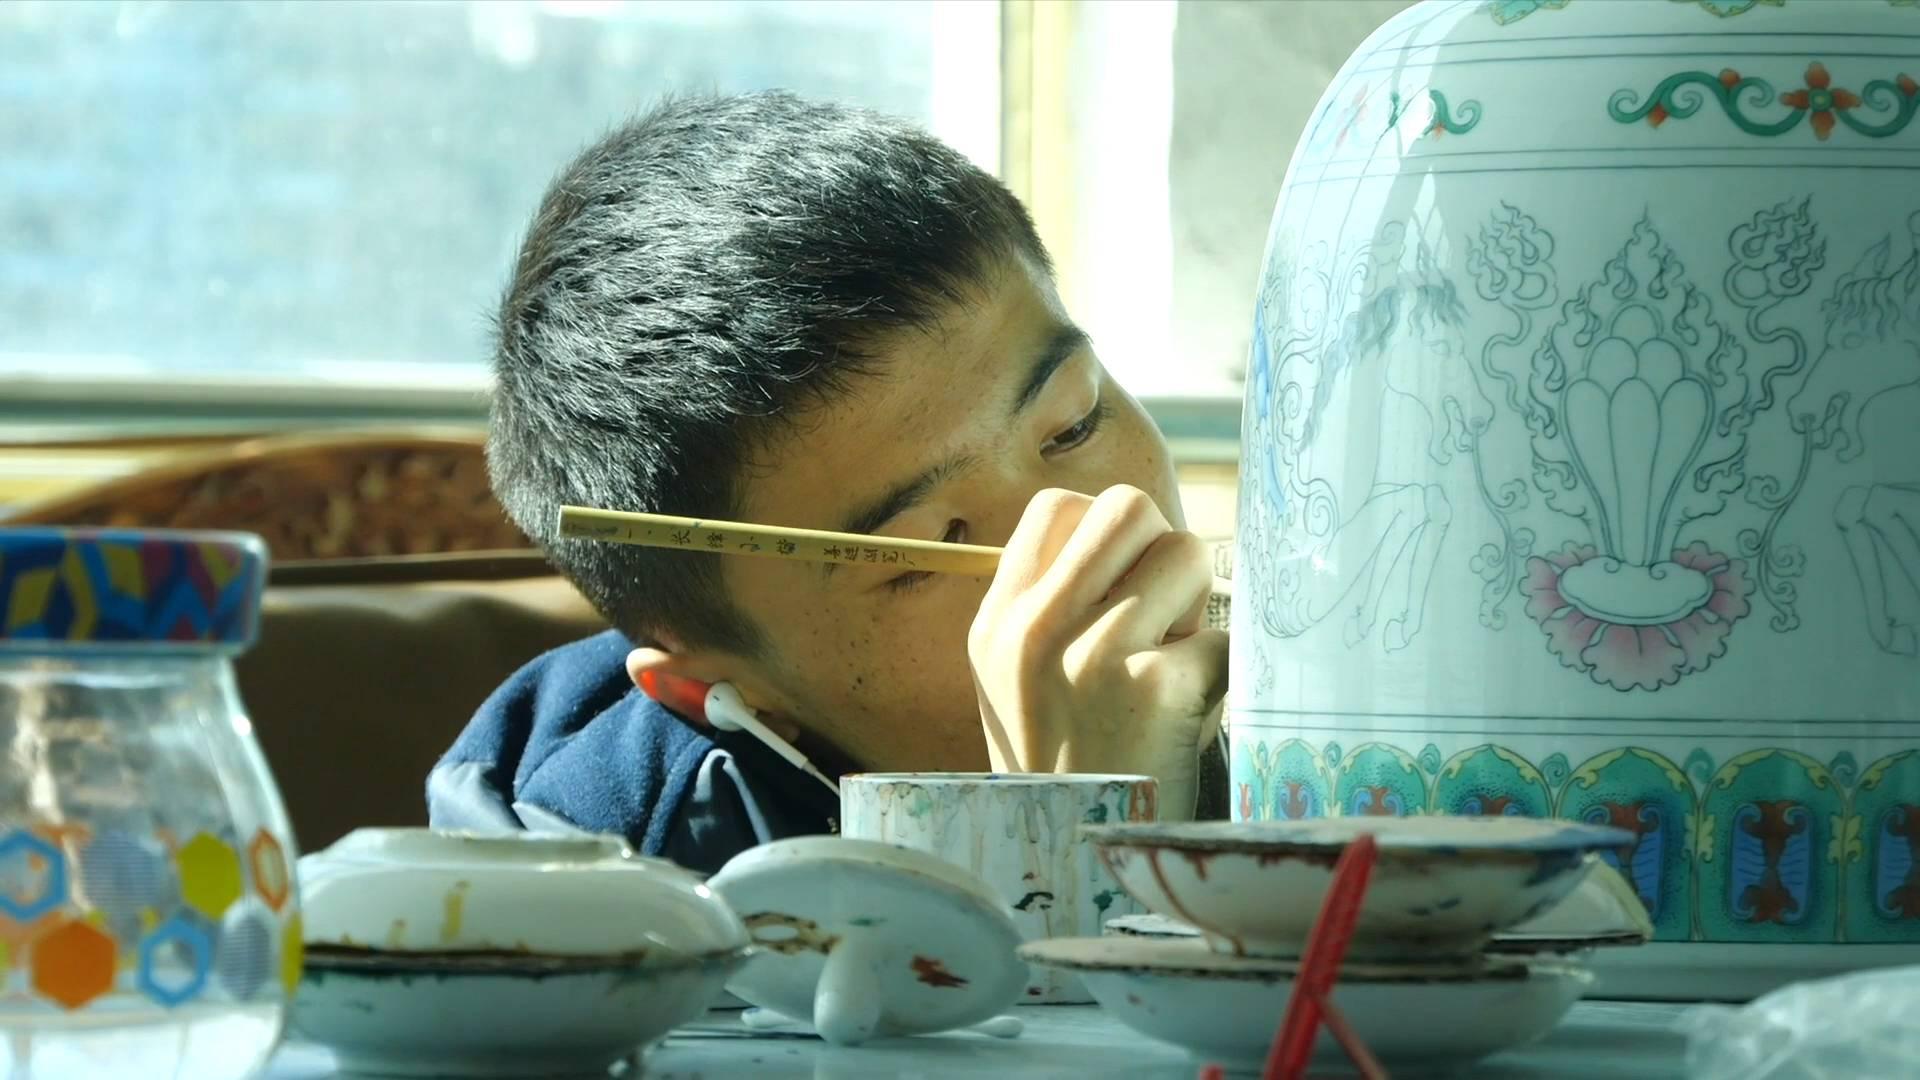 School-enterprise cooperation helps employment in Tibet